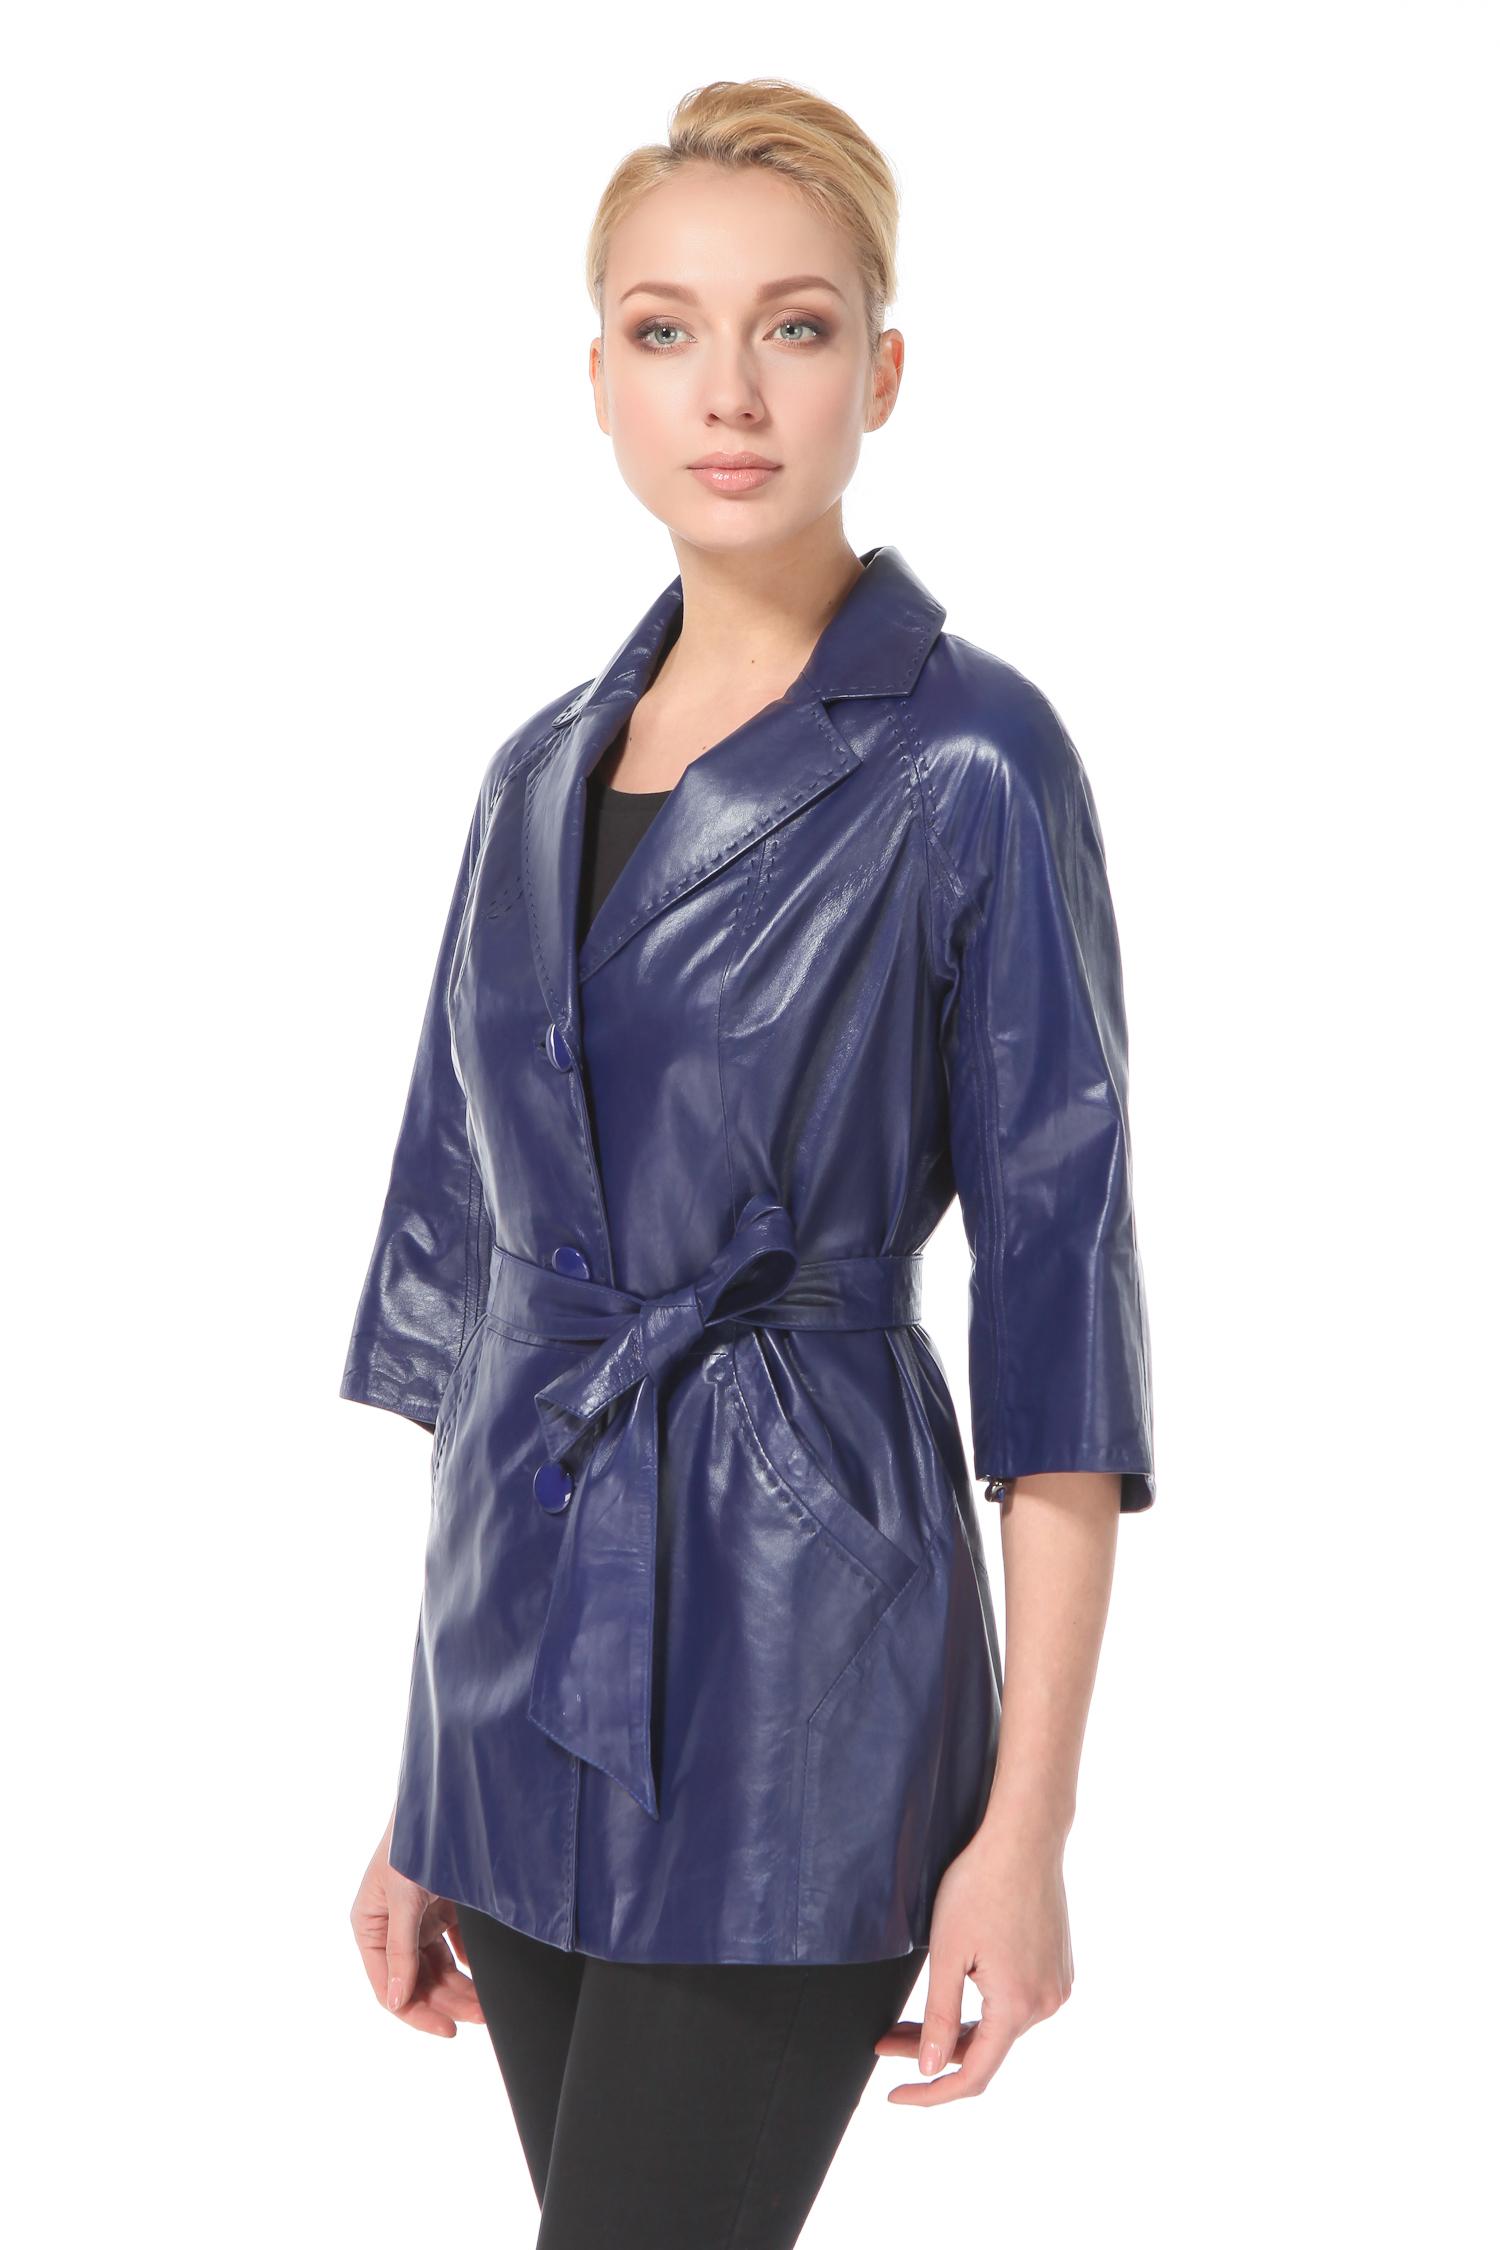 Женская кожаная куртка из натуральной кожи с воротником, без отделки<br><br>Воротник: Английский<br>Длина см: 75<br>Материал: Натуральная кожа<br>Цвет: Синий<br>Пол: Женский